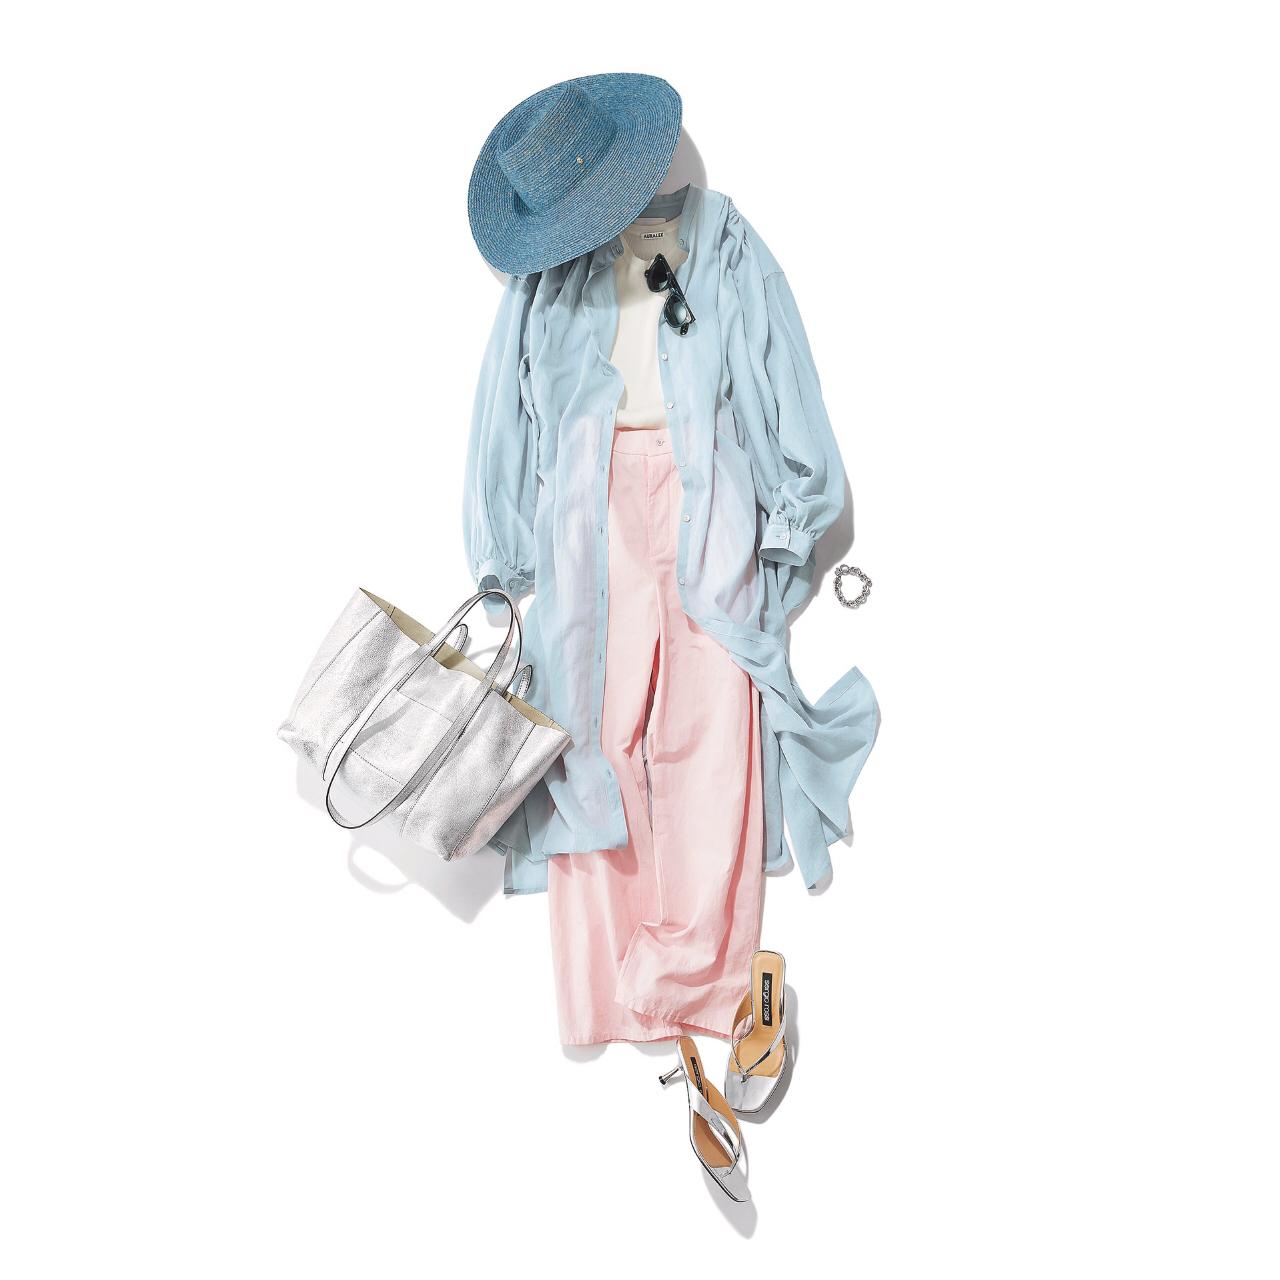 【夏に映えるブルーコーデまとめ】アラフォーが上品かつこなれて見えるコーデのポイントとは? |40代ファッション_1_10